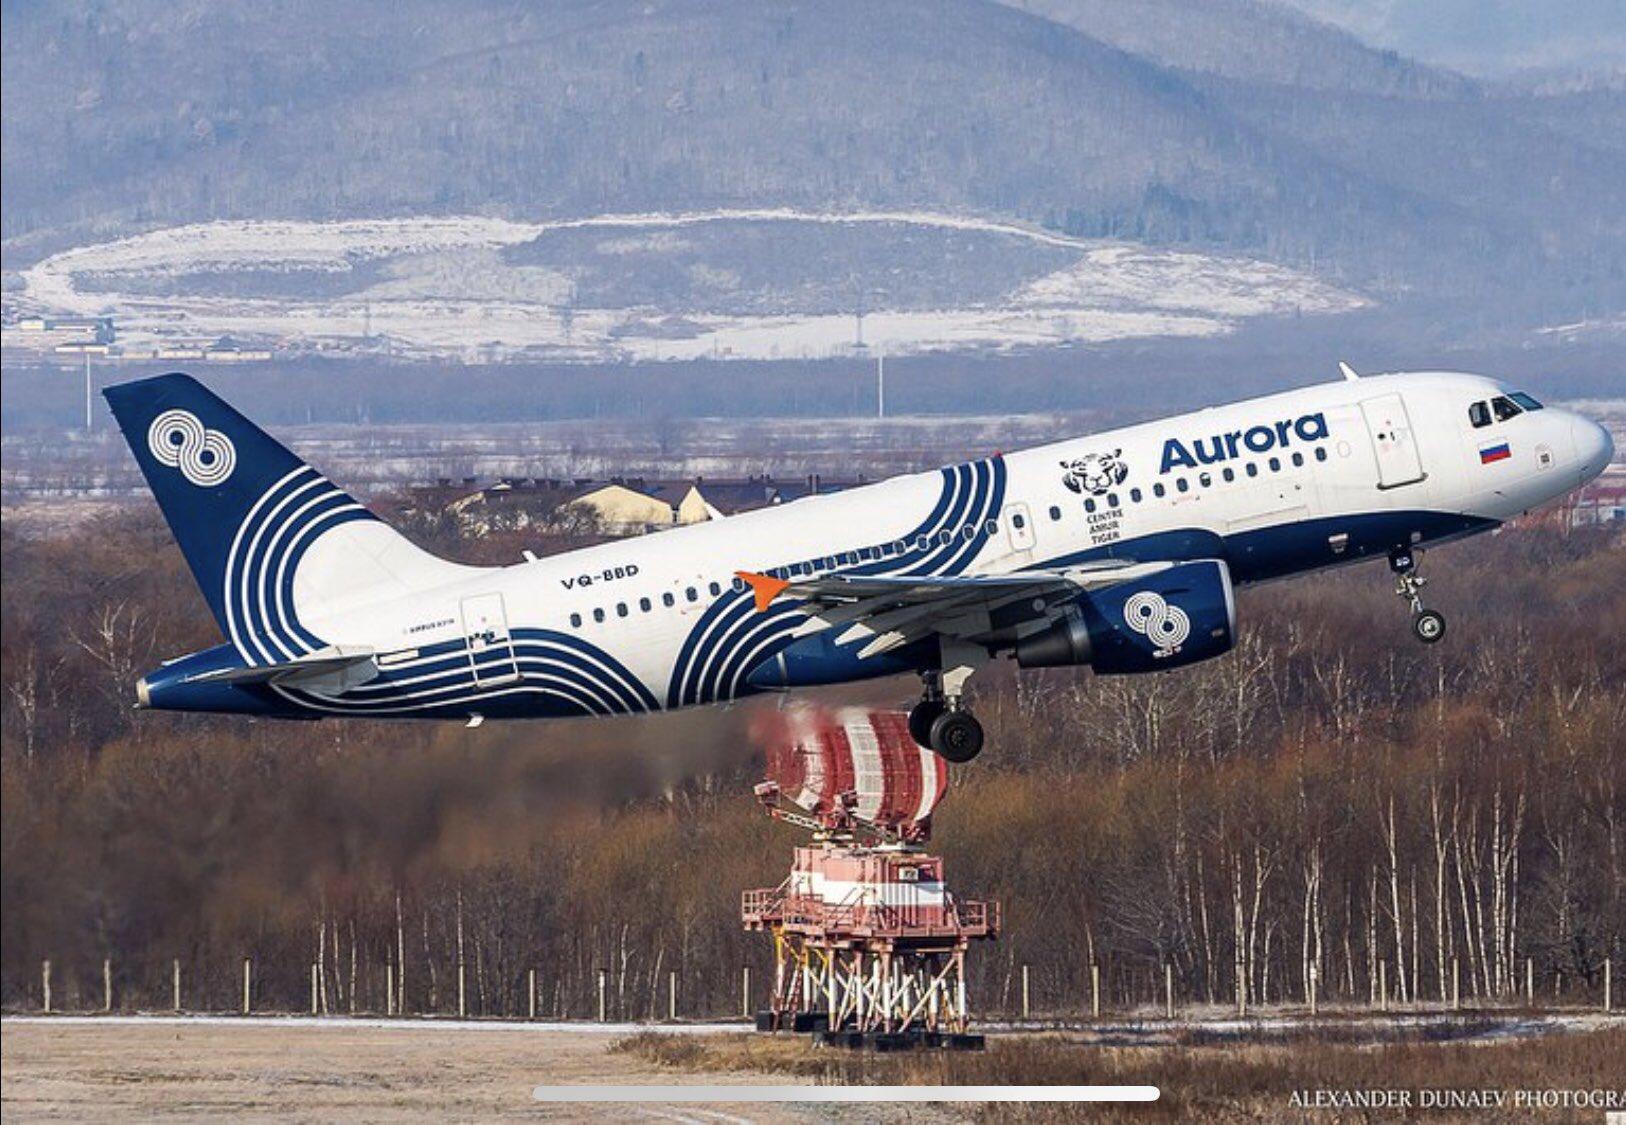 крытый двор самолет авиакомпании аврора фото конечно